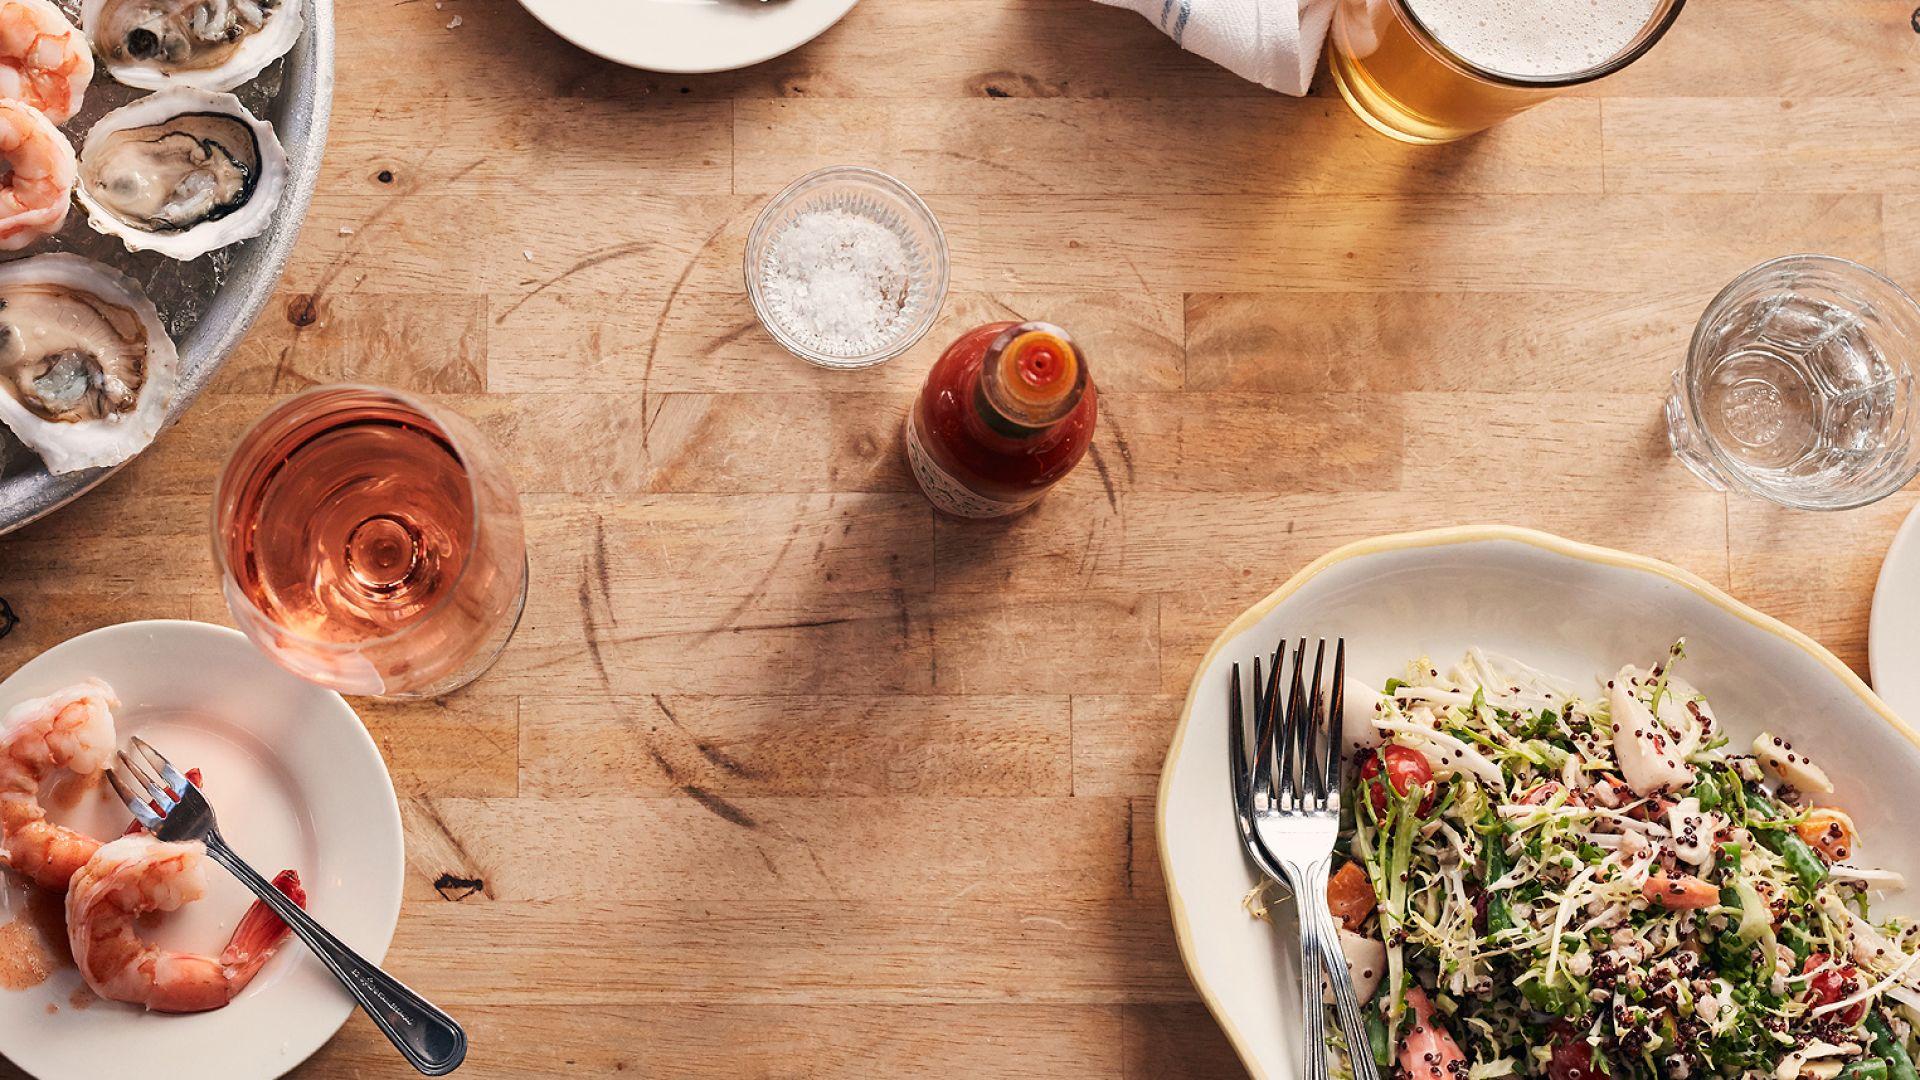 Loews Hotels - Un plato con mariscos y una cerveza sobre una mesa de madera